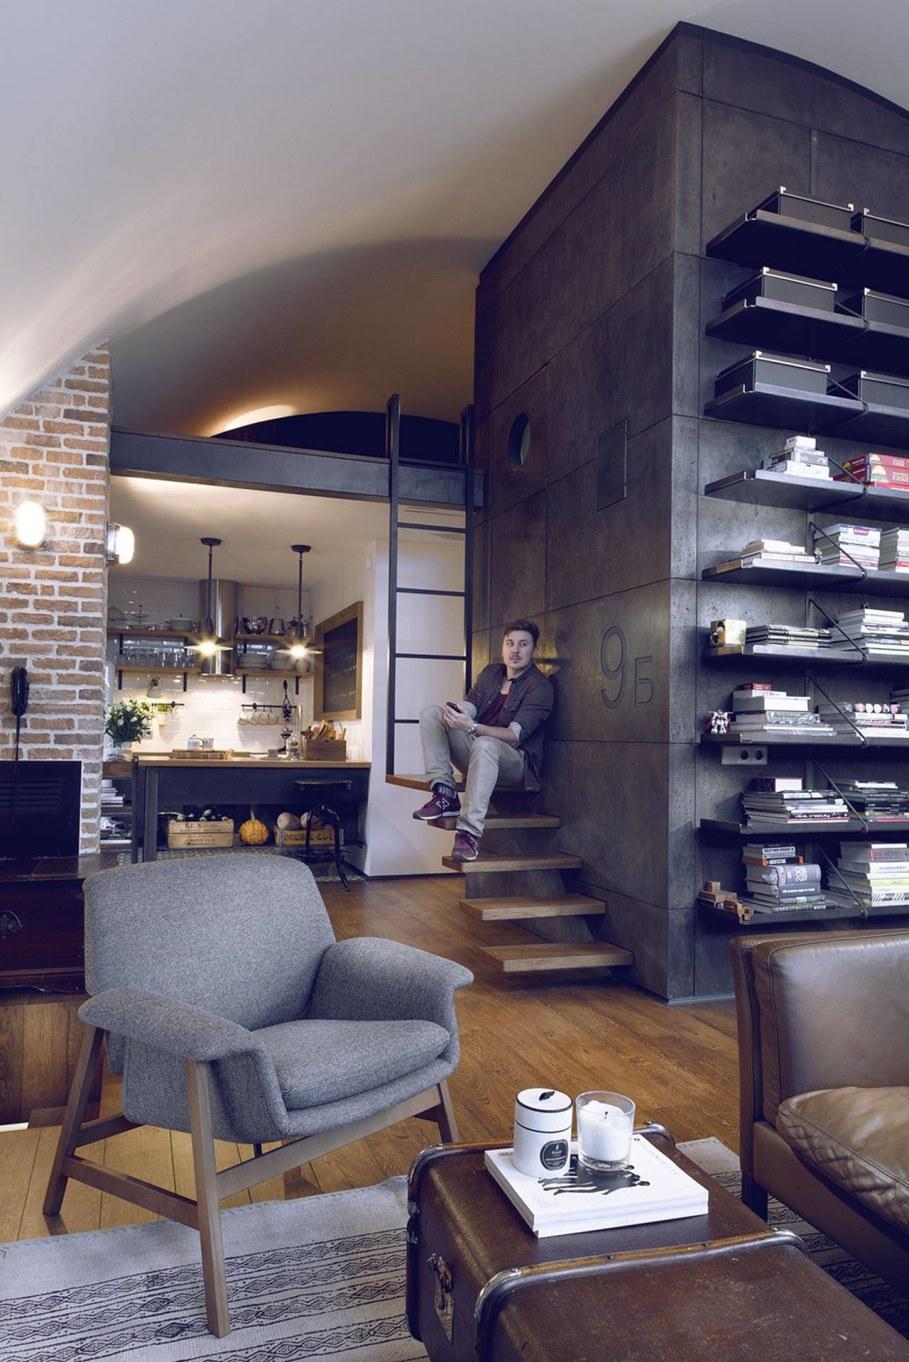 Attic Apartment - Living room